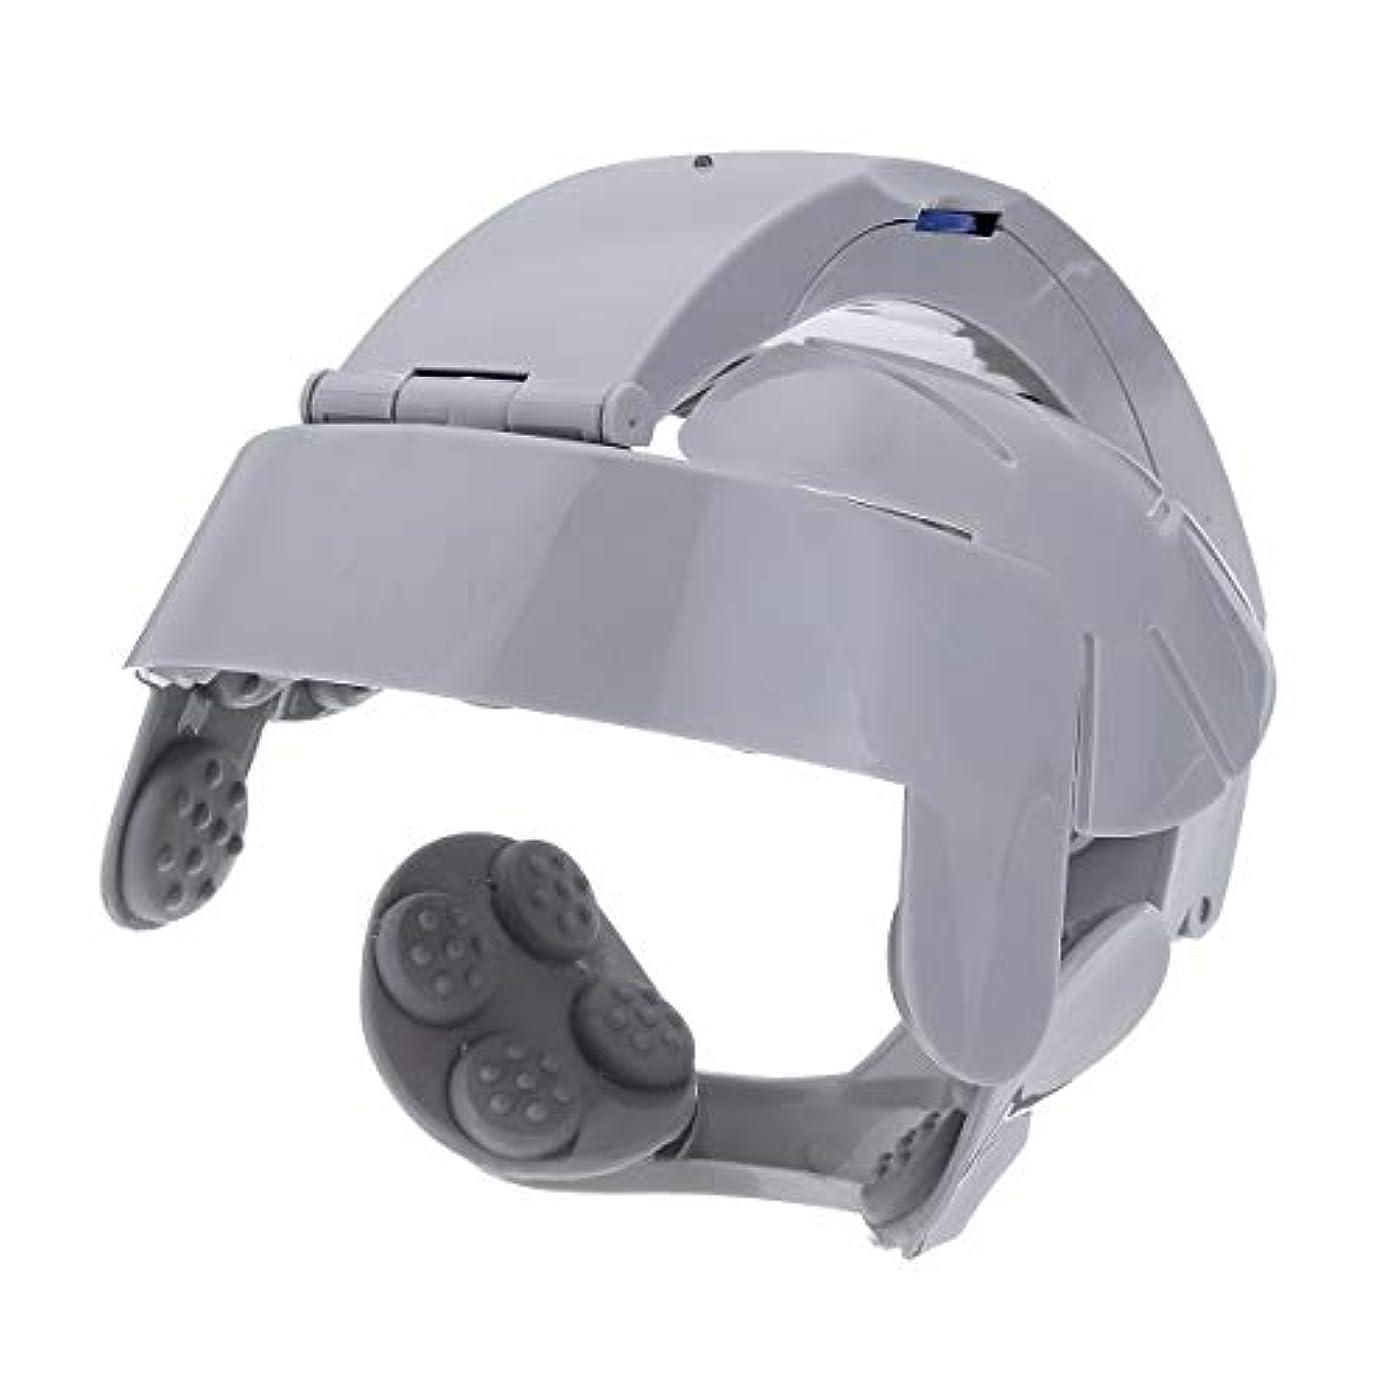 吐き出す収容する日食ヘッド振動マッサージ電動ヘッドマッサージリラックス脳経穴ストレス解放マシンポータブルのためのホーム使用